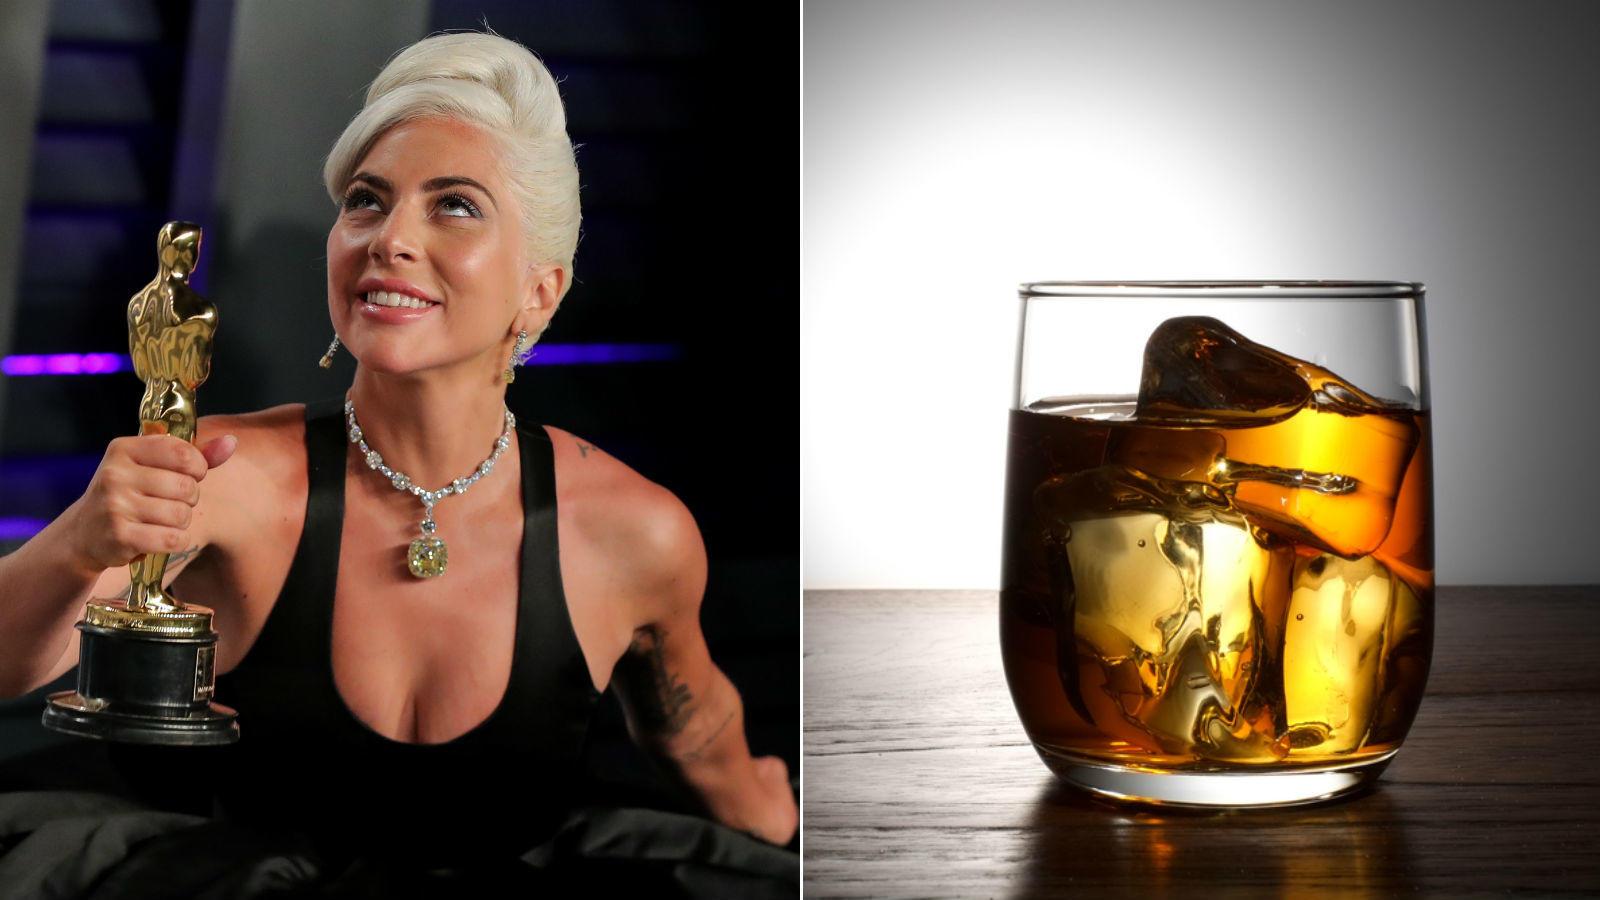 Karizmatikus nő, karakteres hanggal, elképesztő színpadi jelenléttel. Csoda, ha egy kemény whiskey jéggel passzol a leginkább hozzá? (REX/Shutterstock)